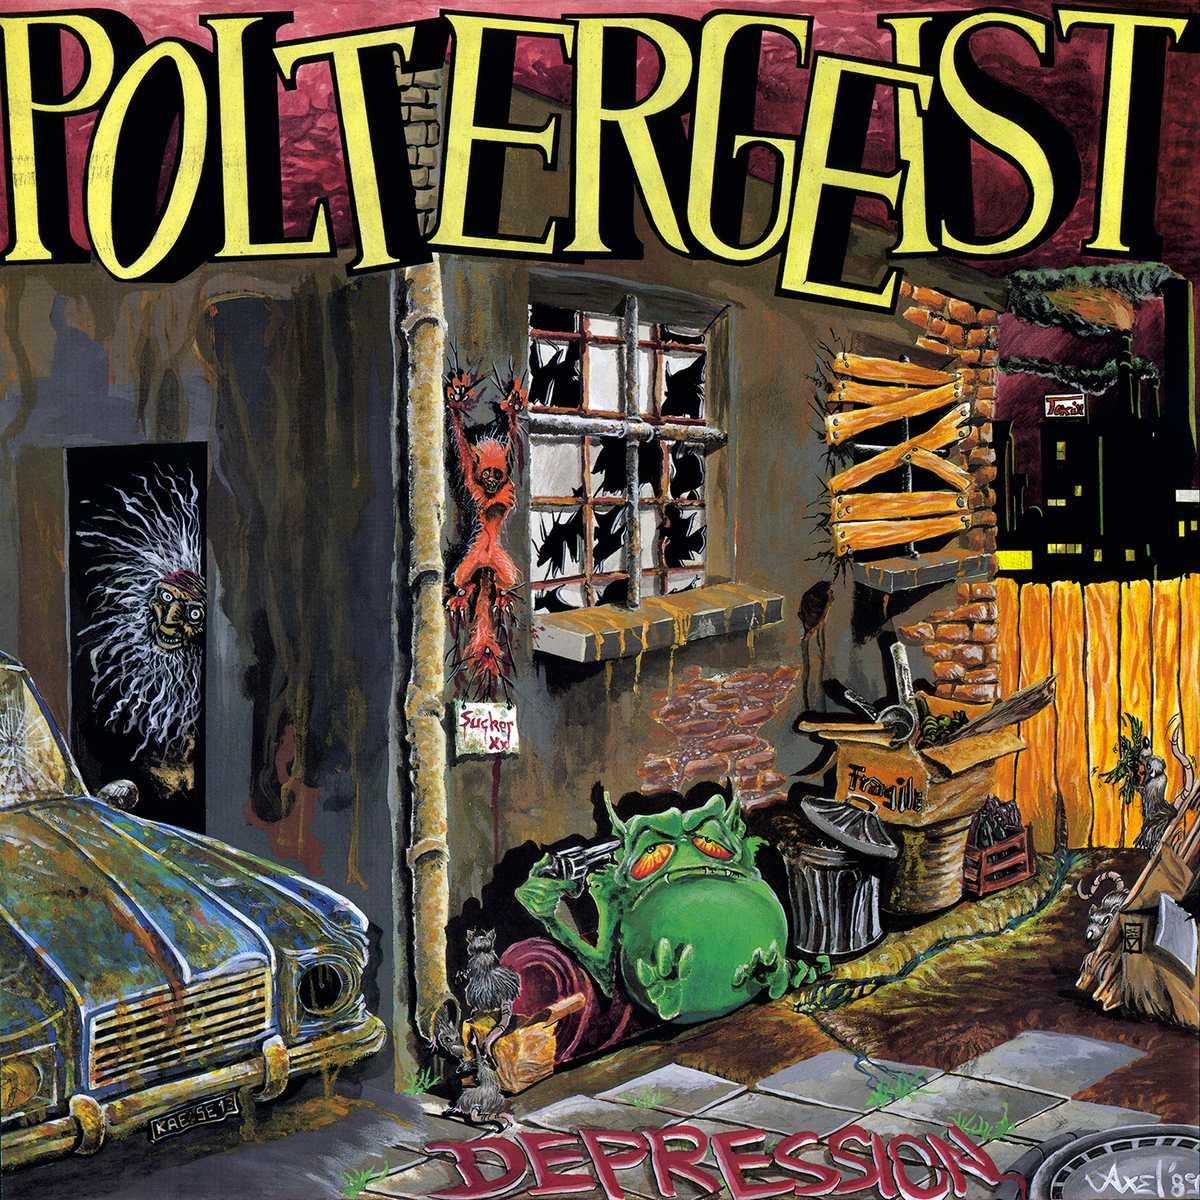 Poltergeist - Depression